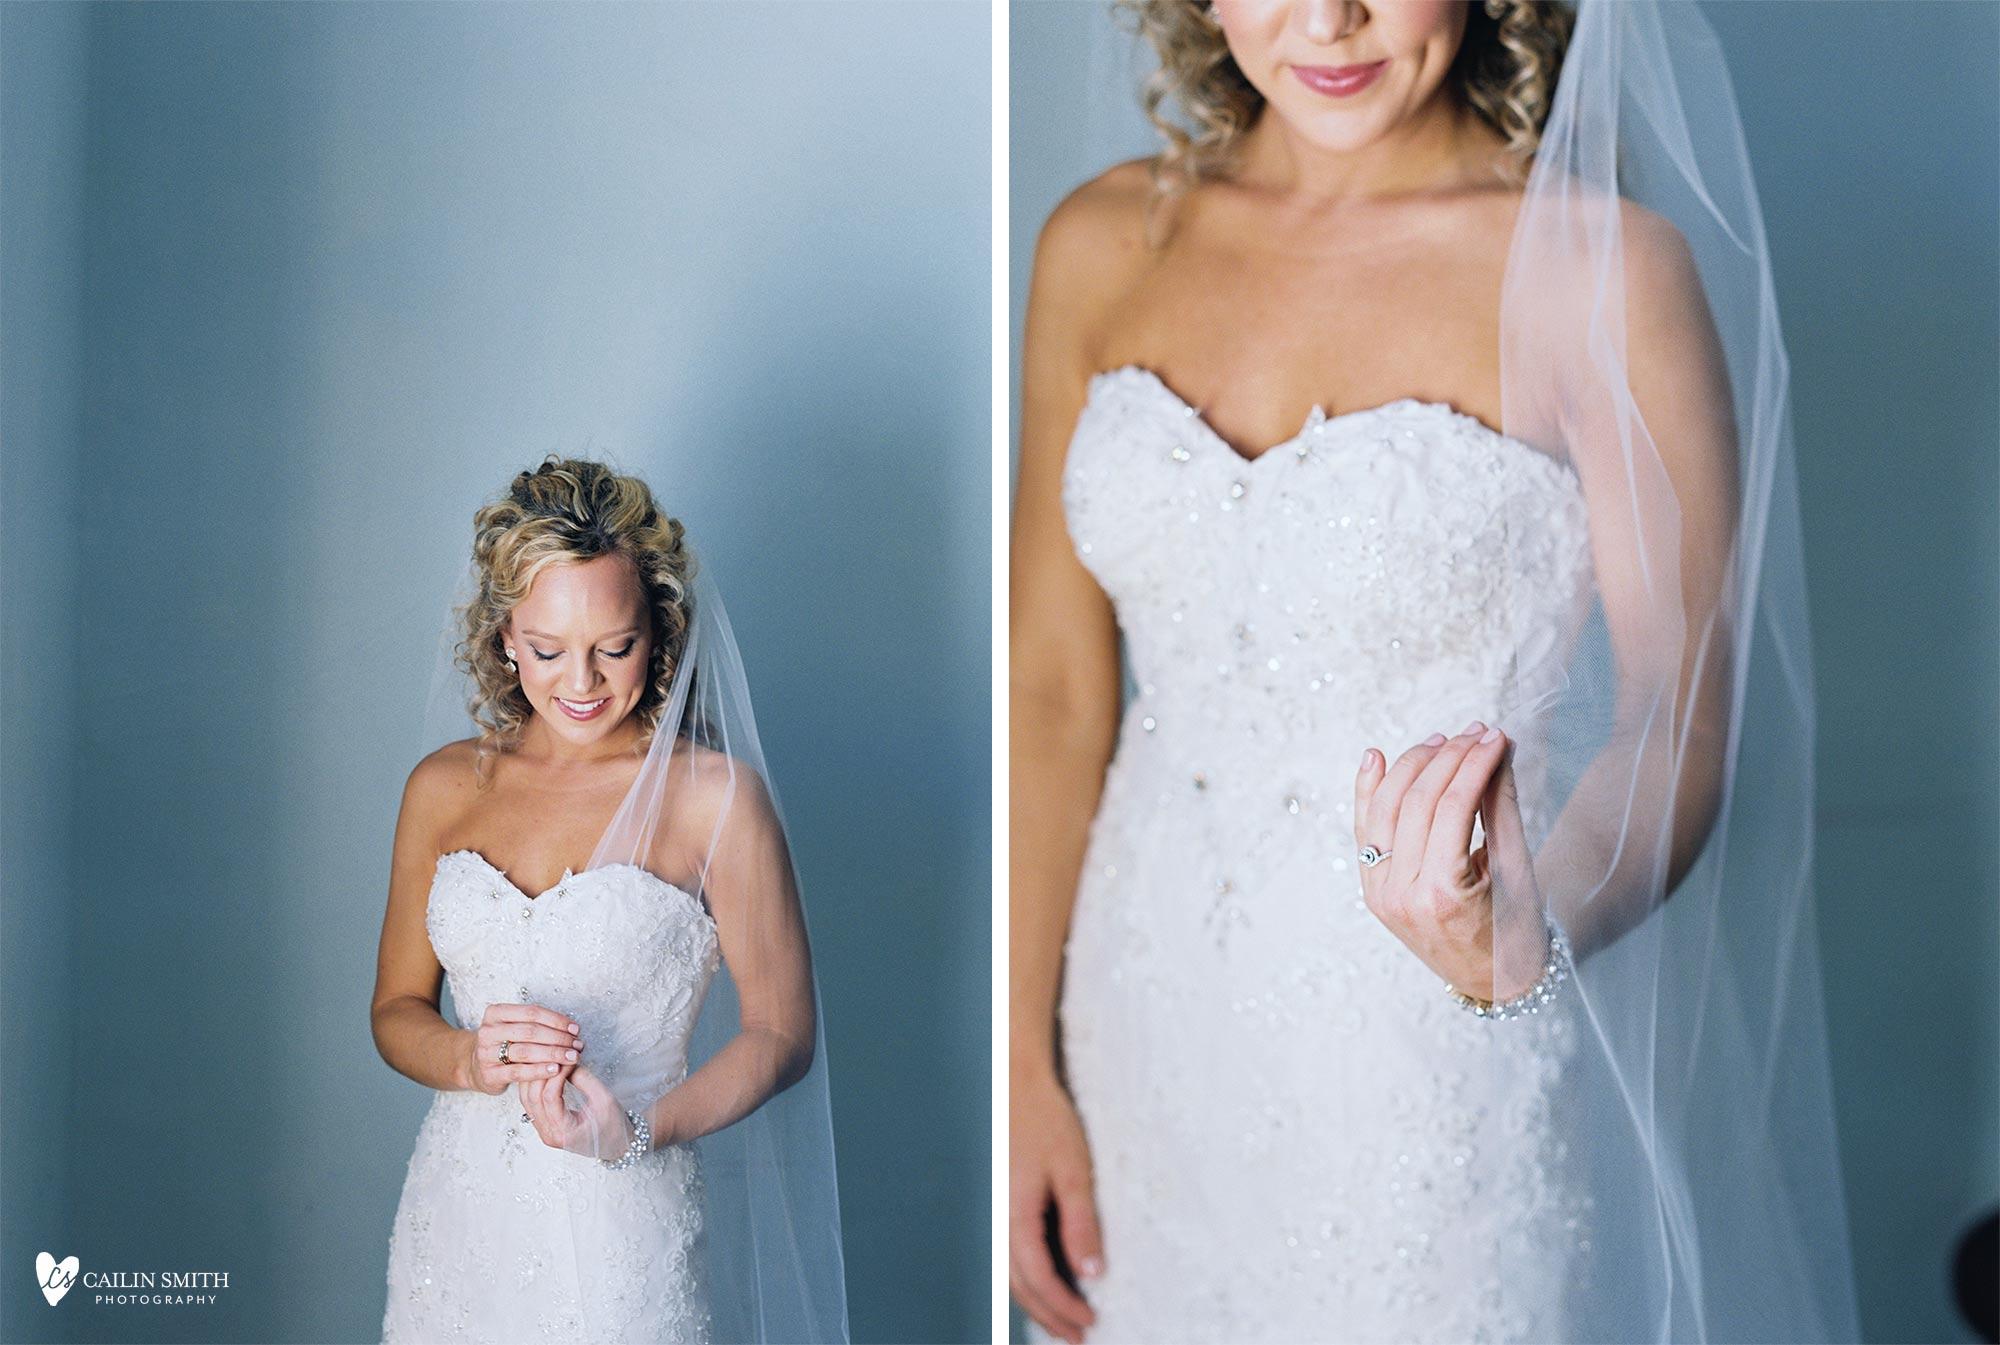 Leah_Major_St_Marys_Wedding_Photography_015.jpg